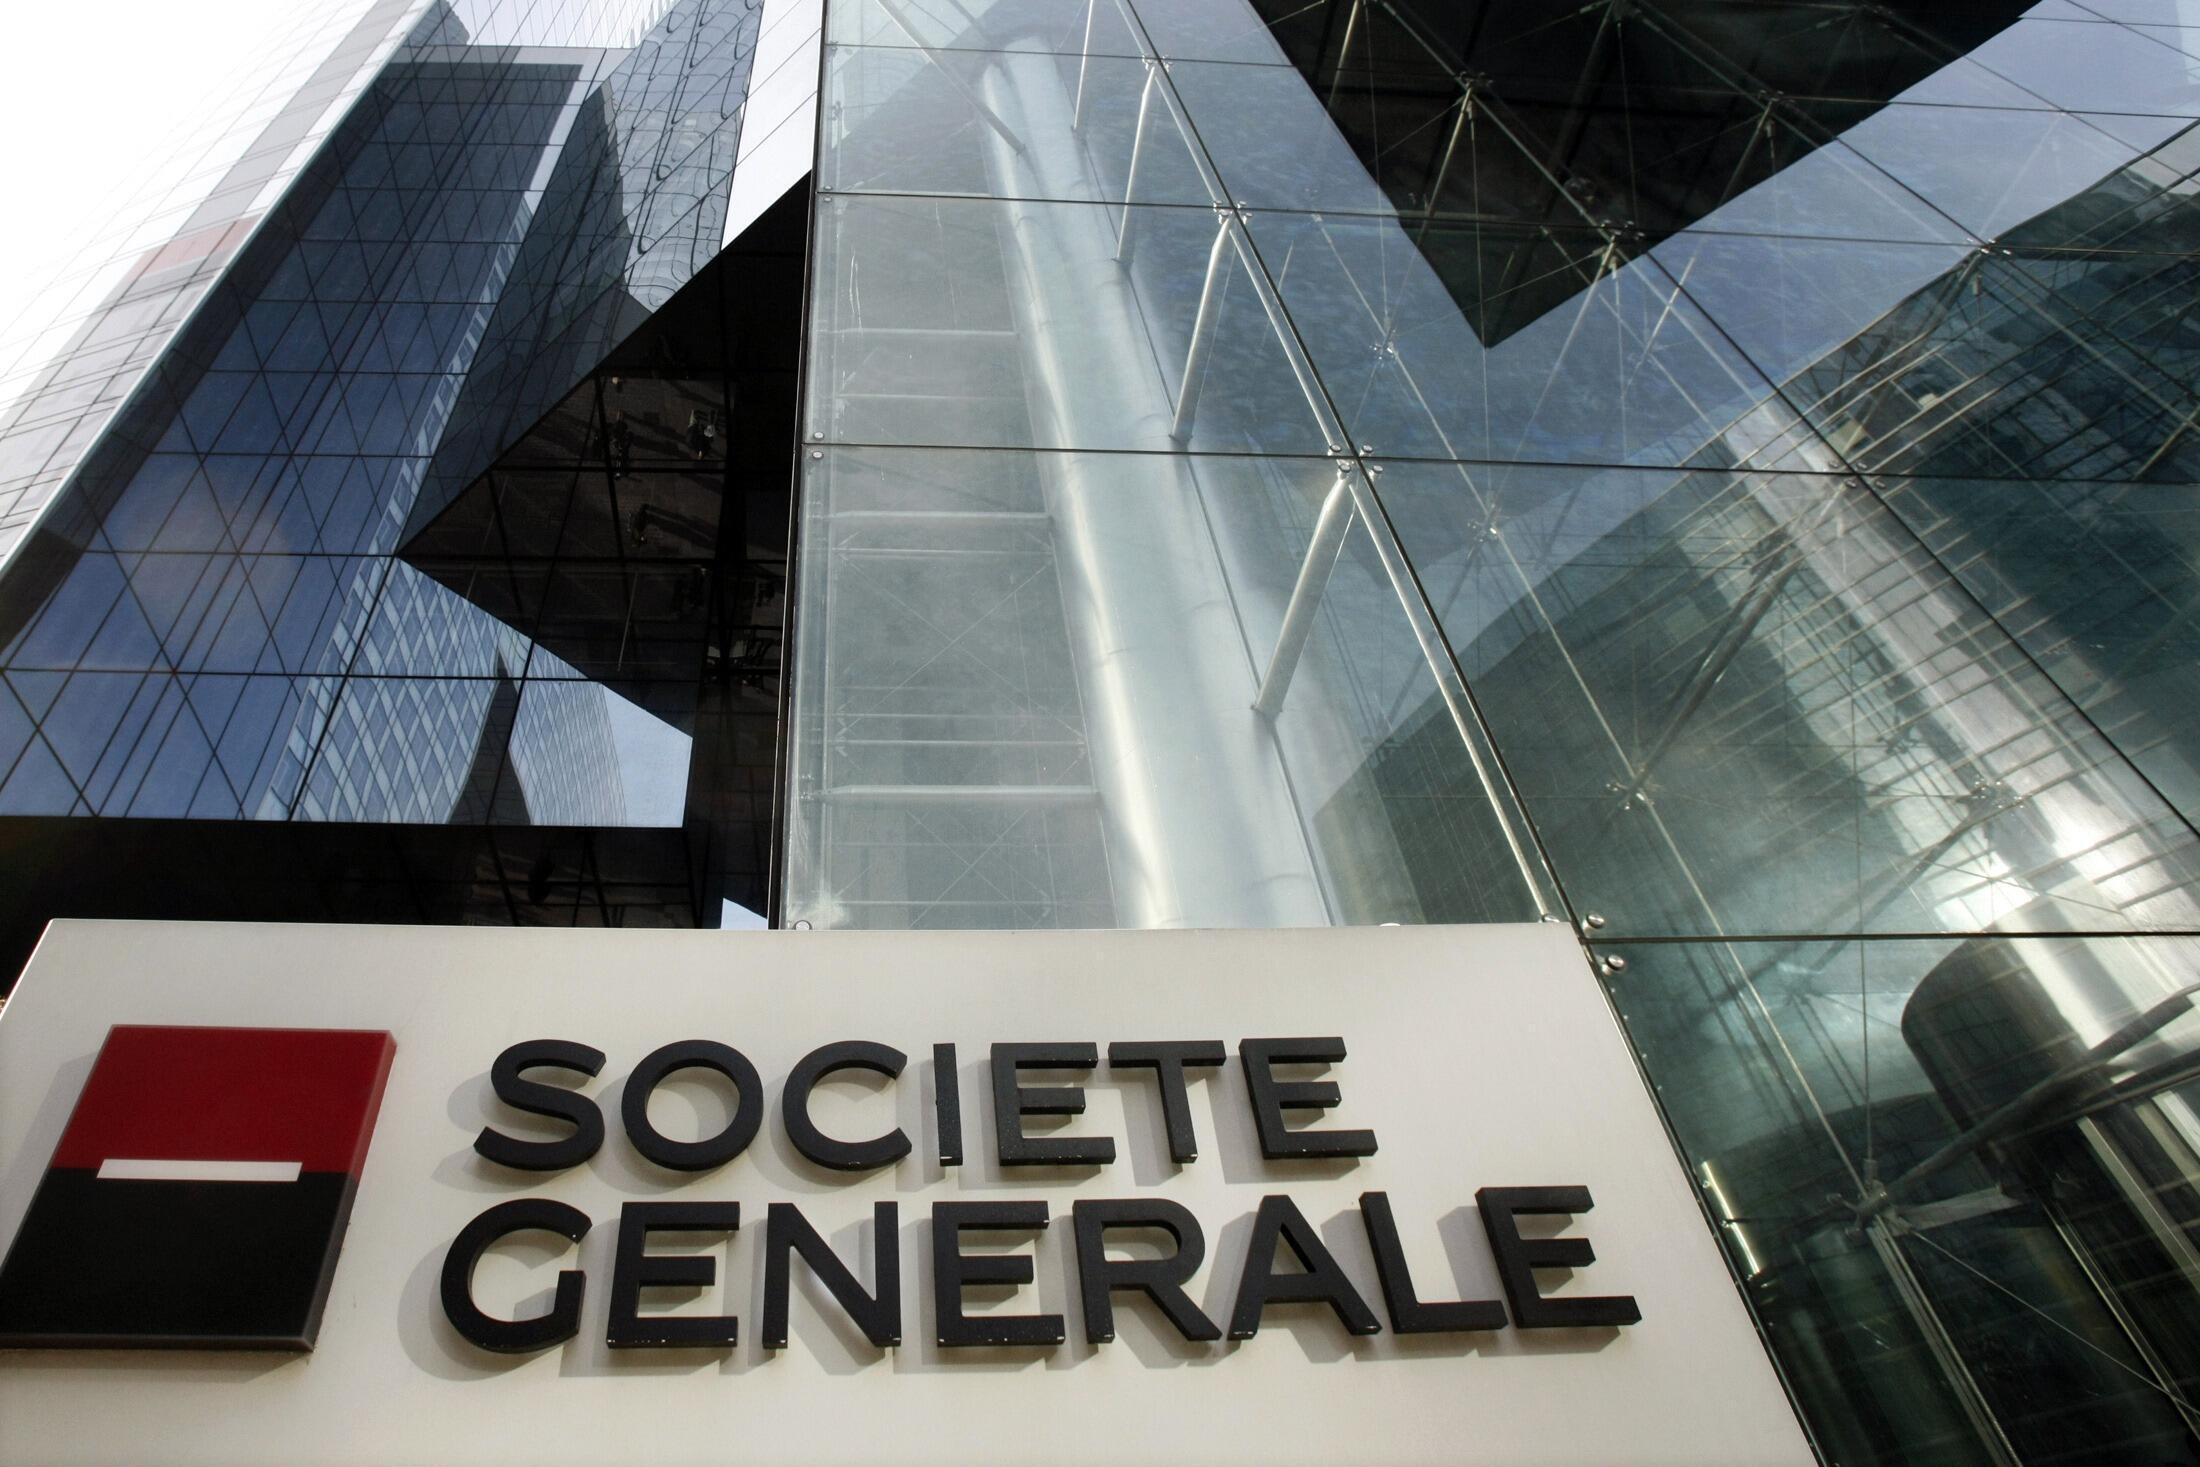 ساختمان مرکزی بانک «سوسیته ژنرال» در منطقۀ تجاری «لادفانس» در غرب پاریس